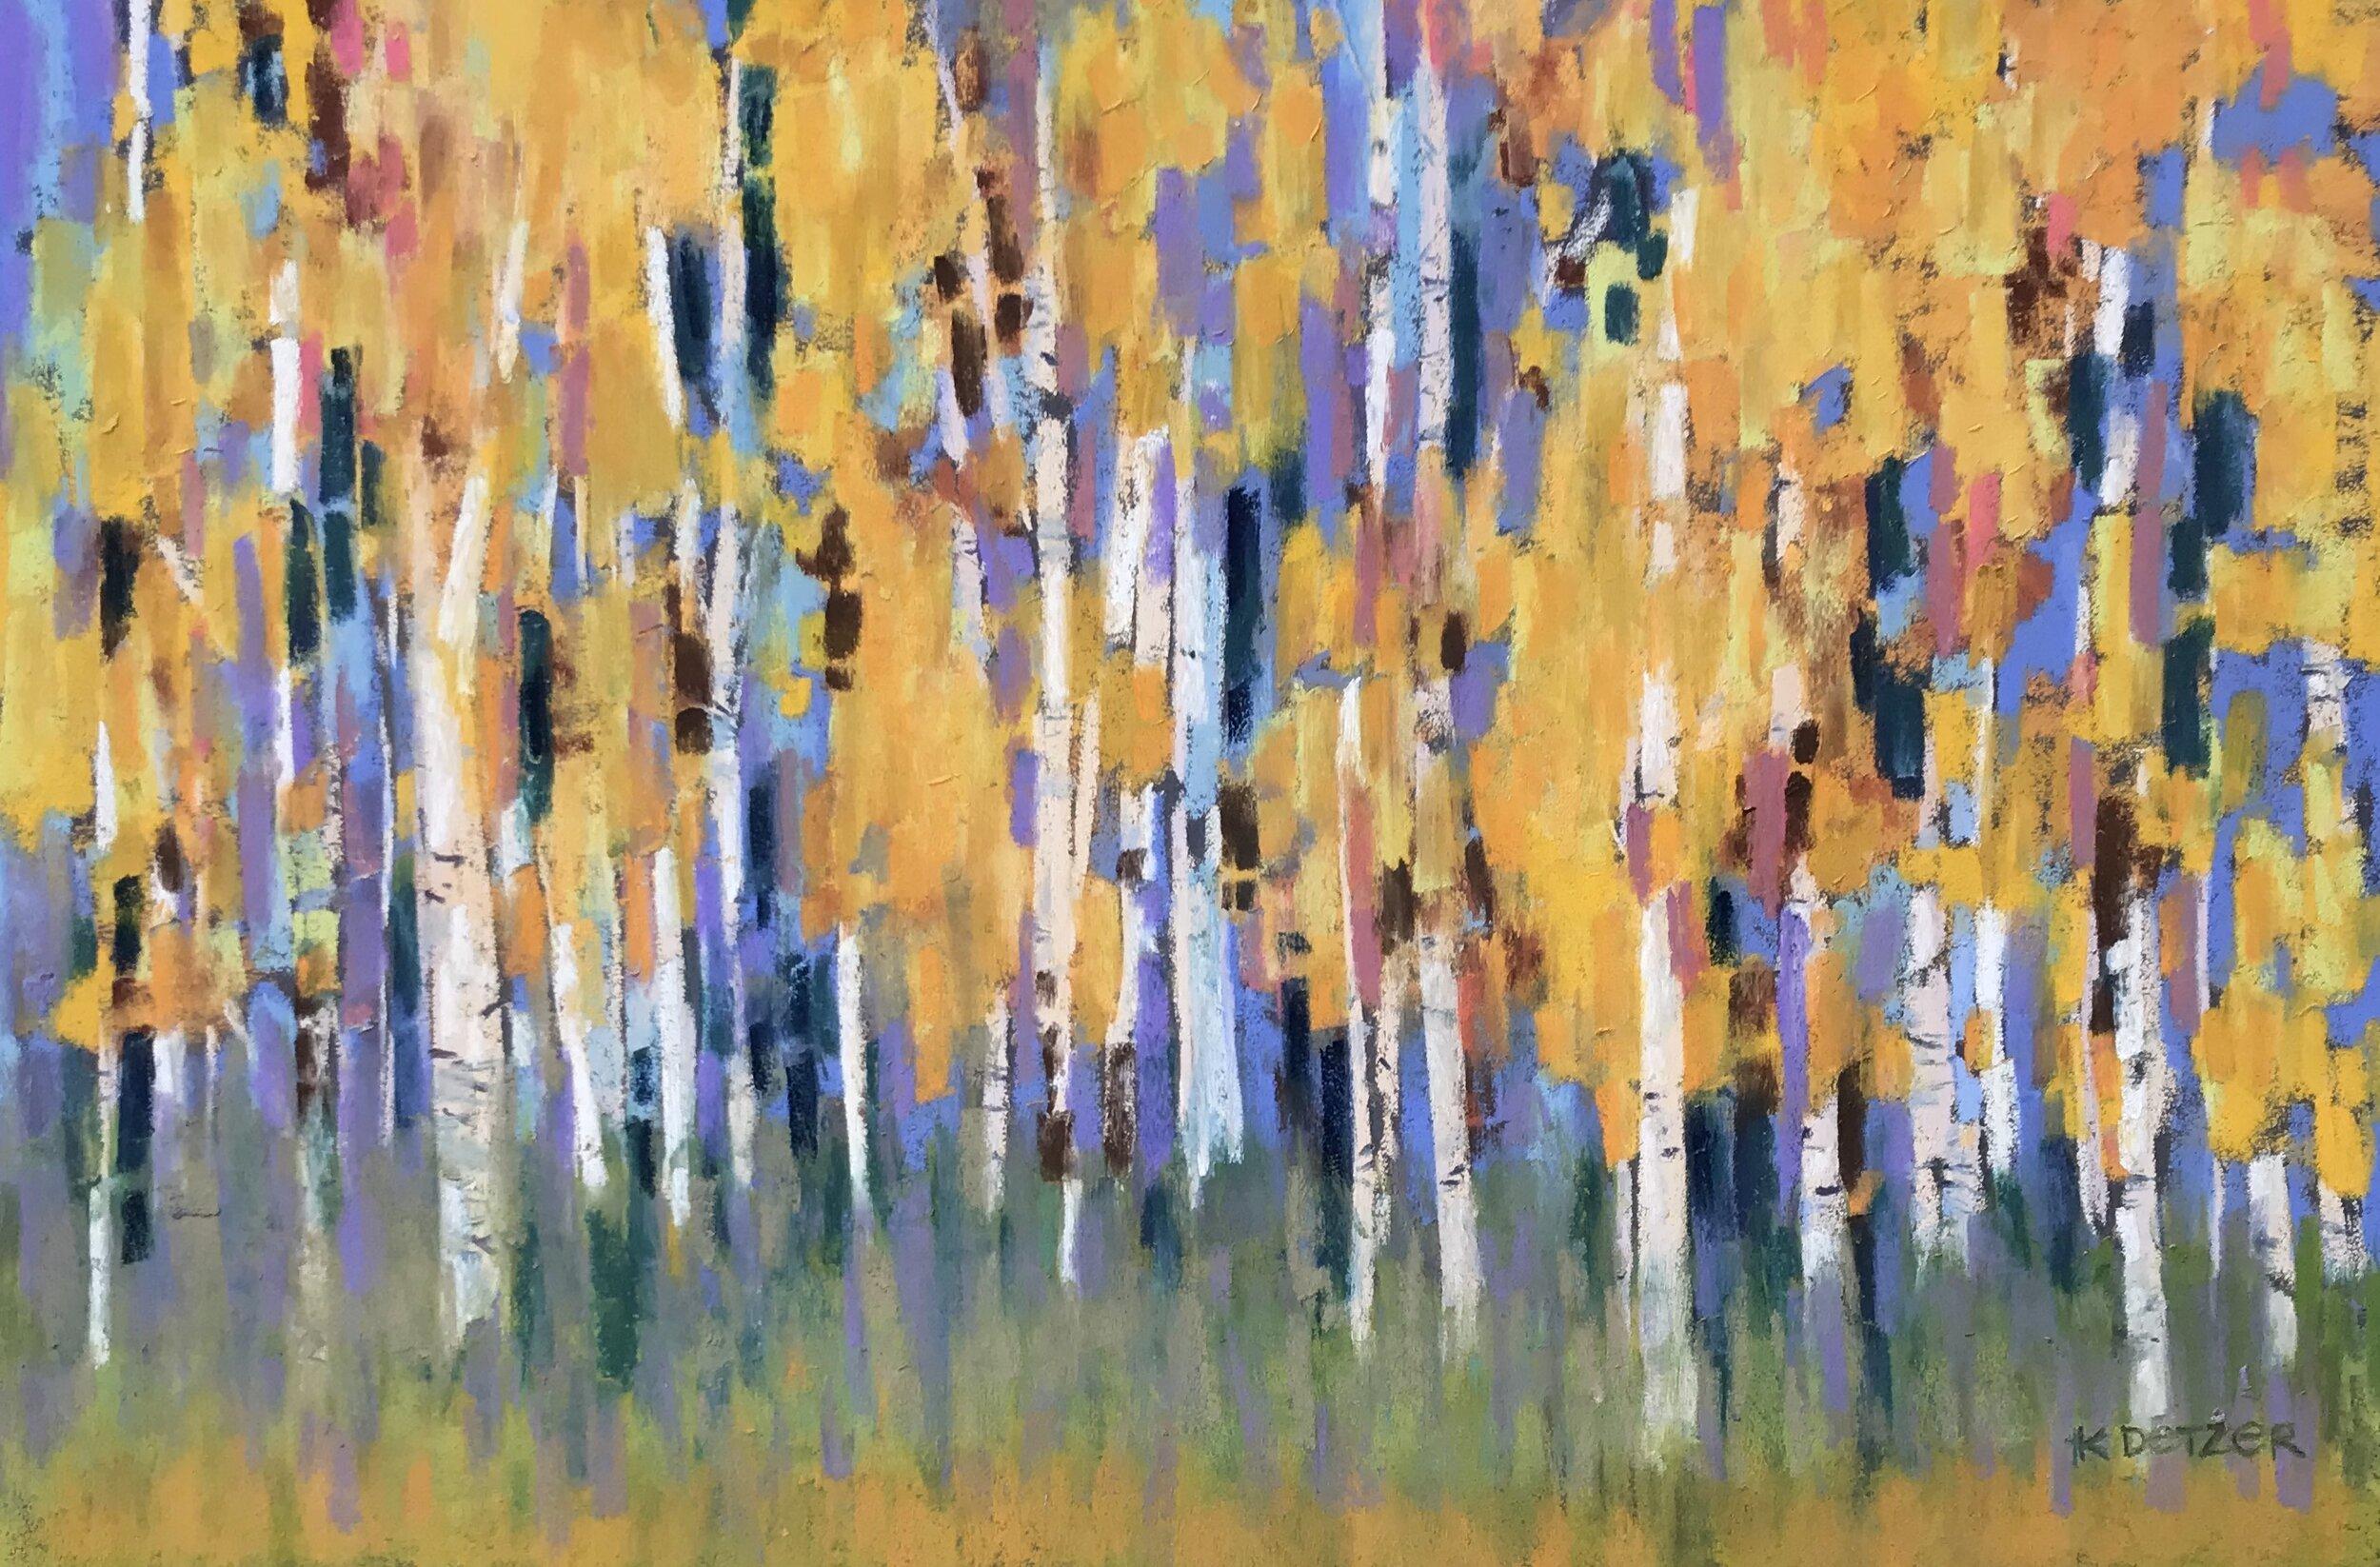 Birches Redux